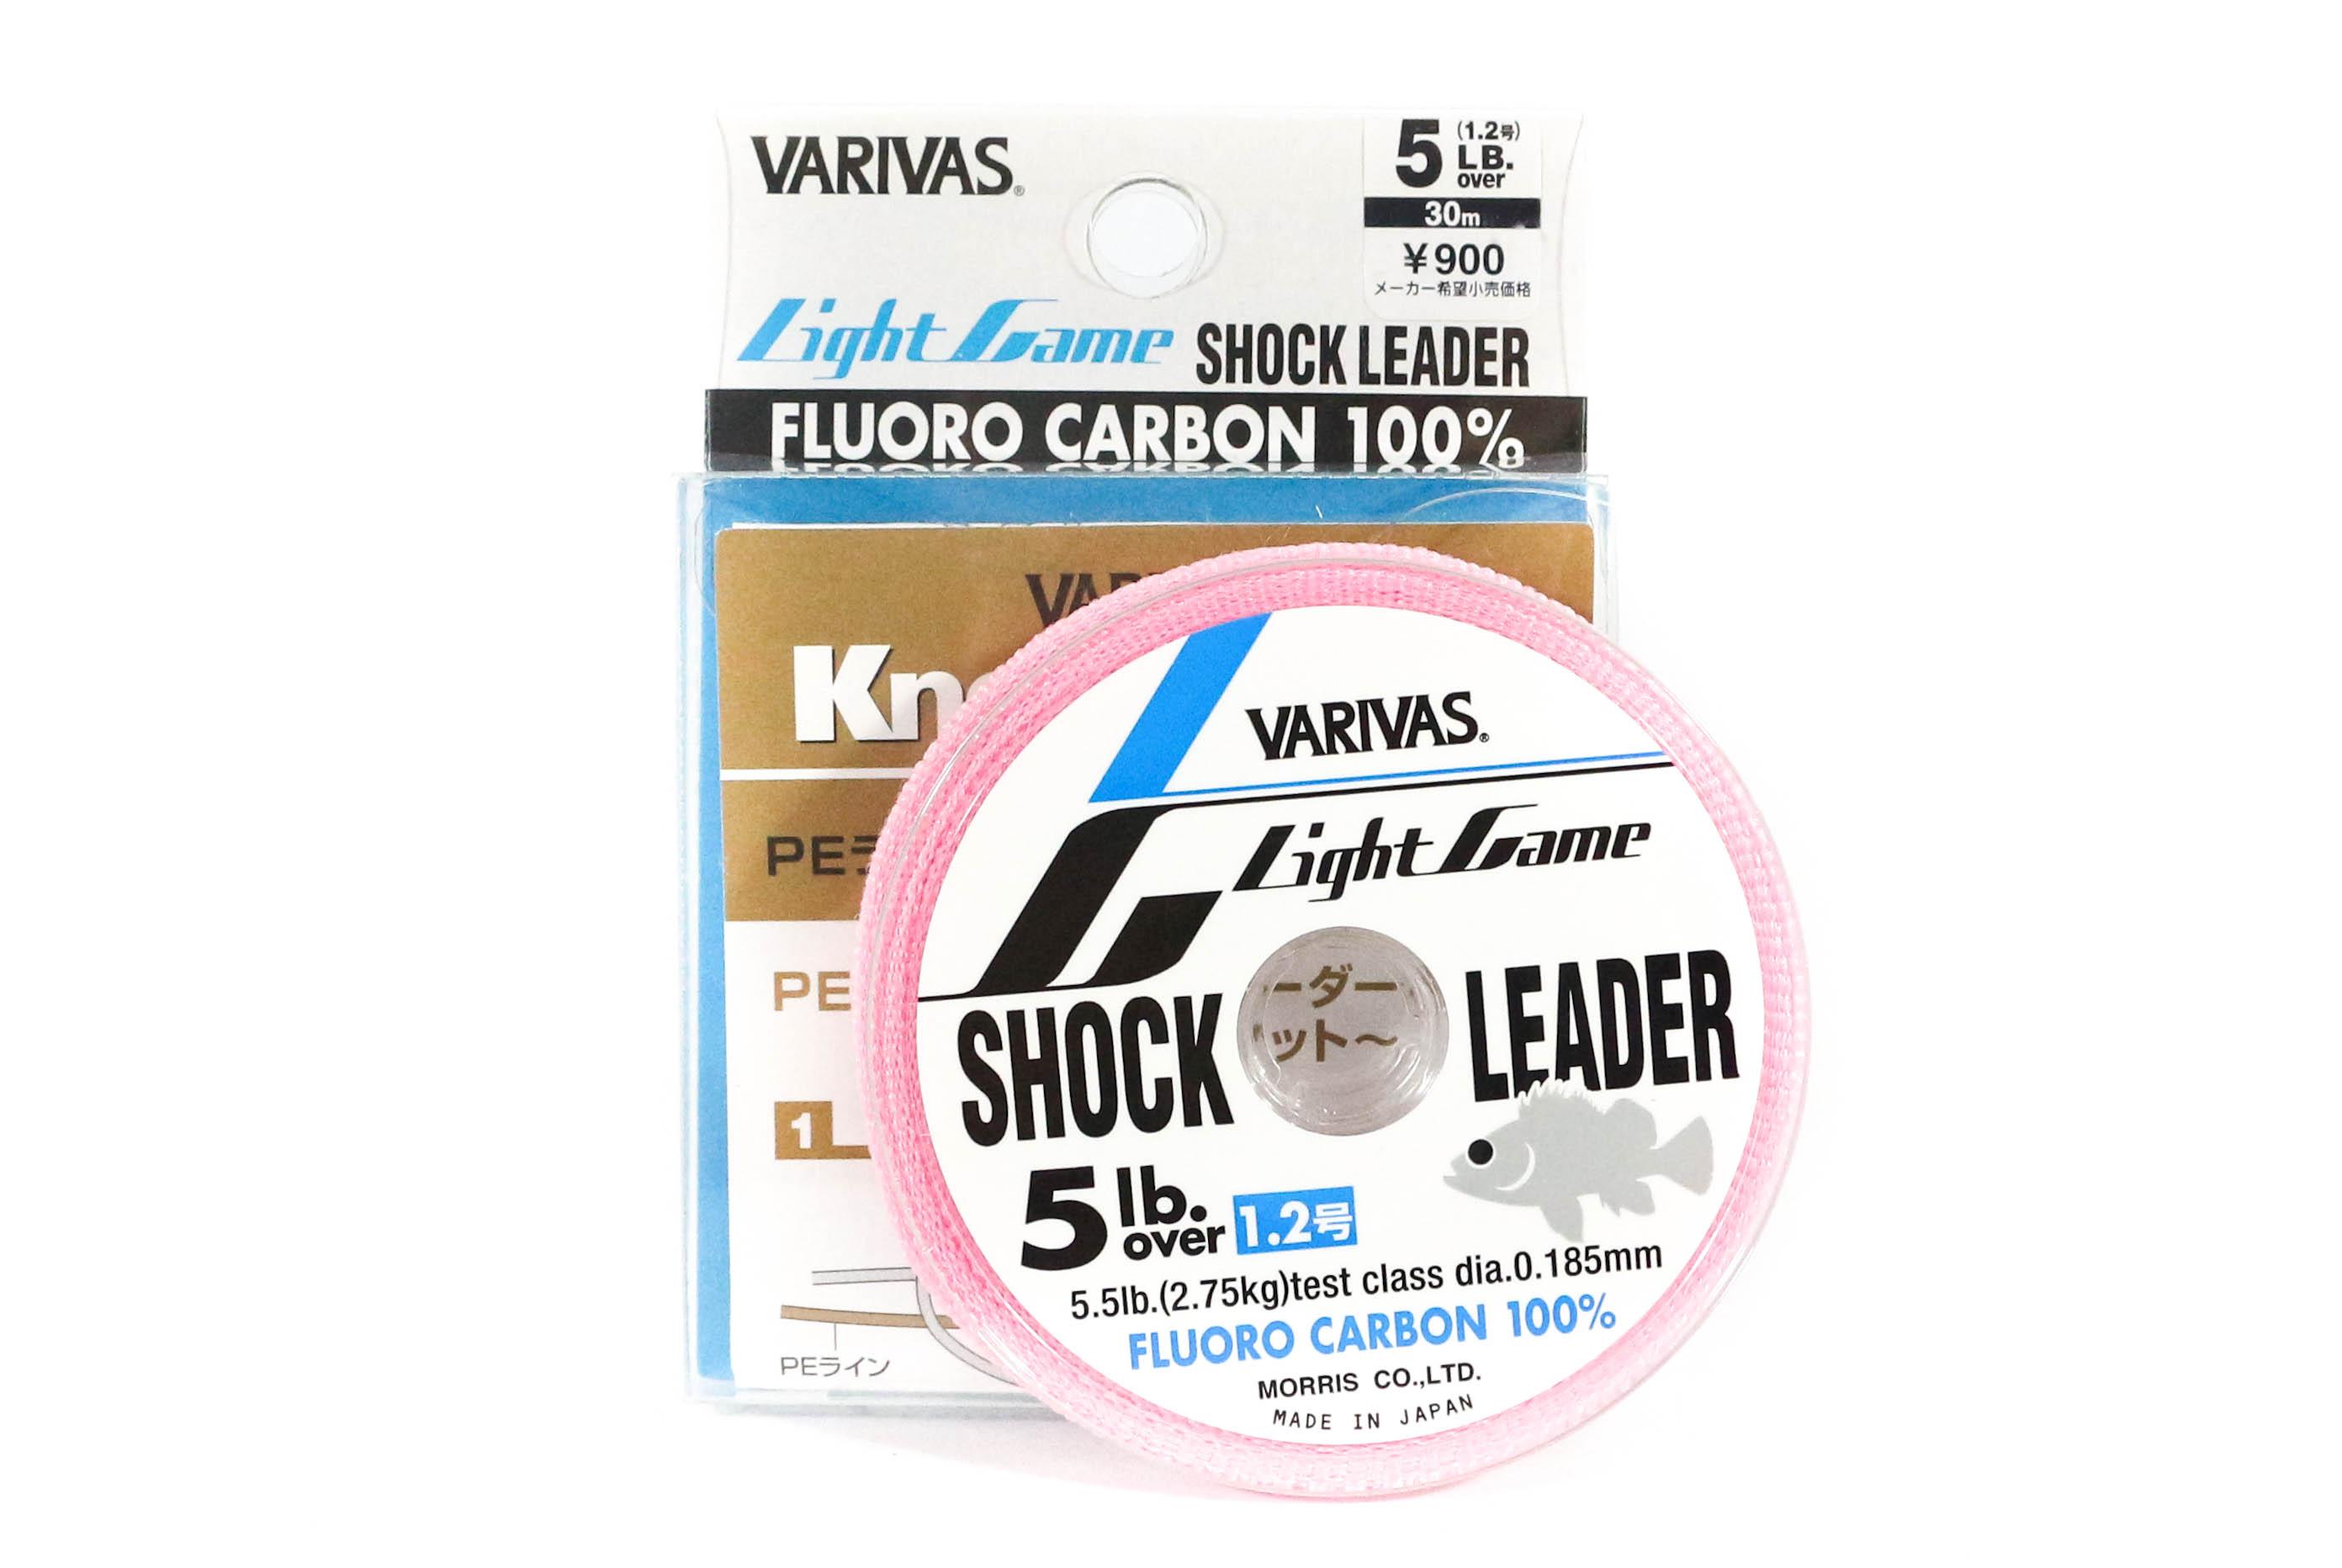 Varivas Fluorocarbon Shock Leader Line Light Game 30m 5lb (9901)